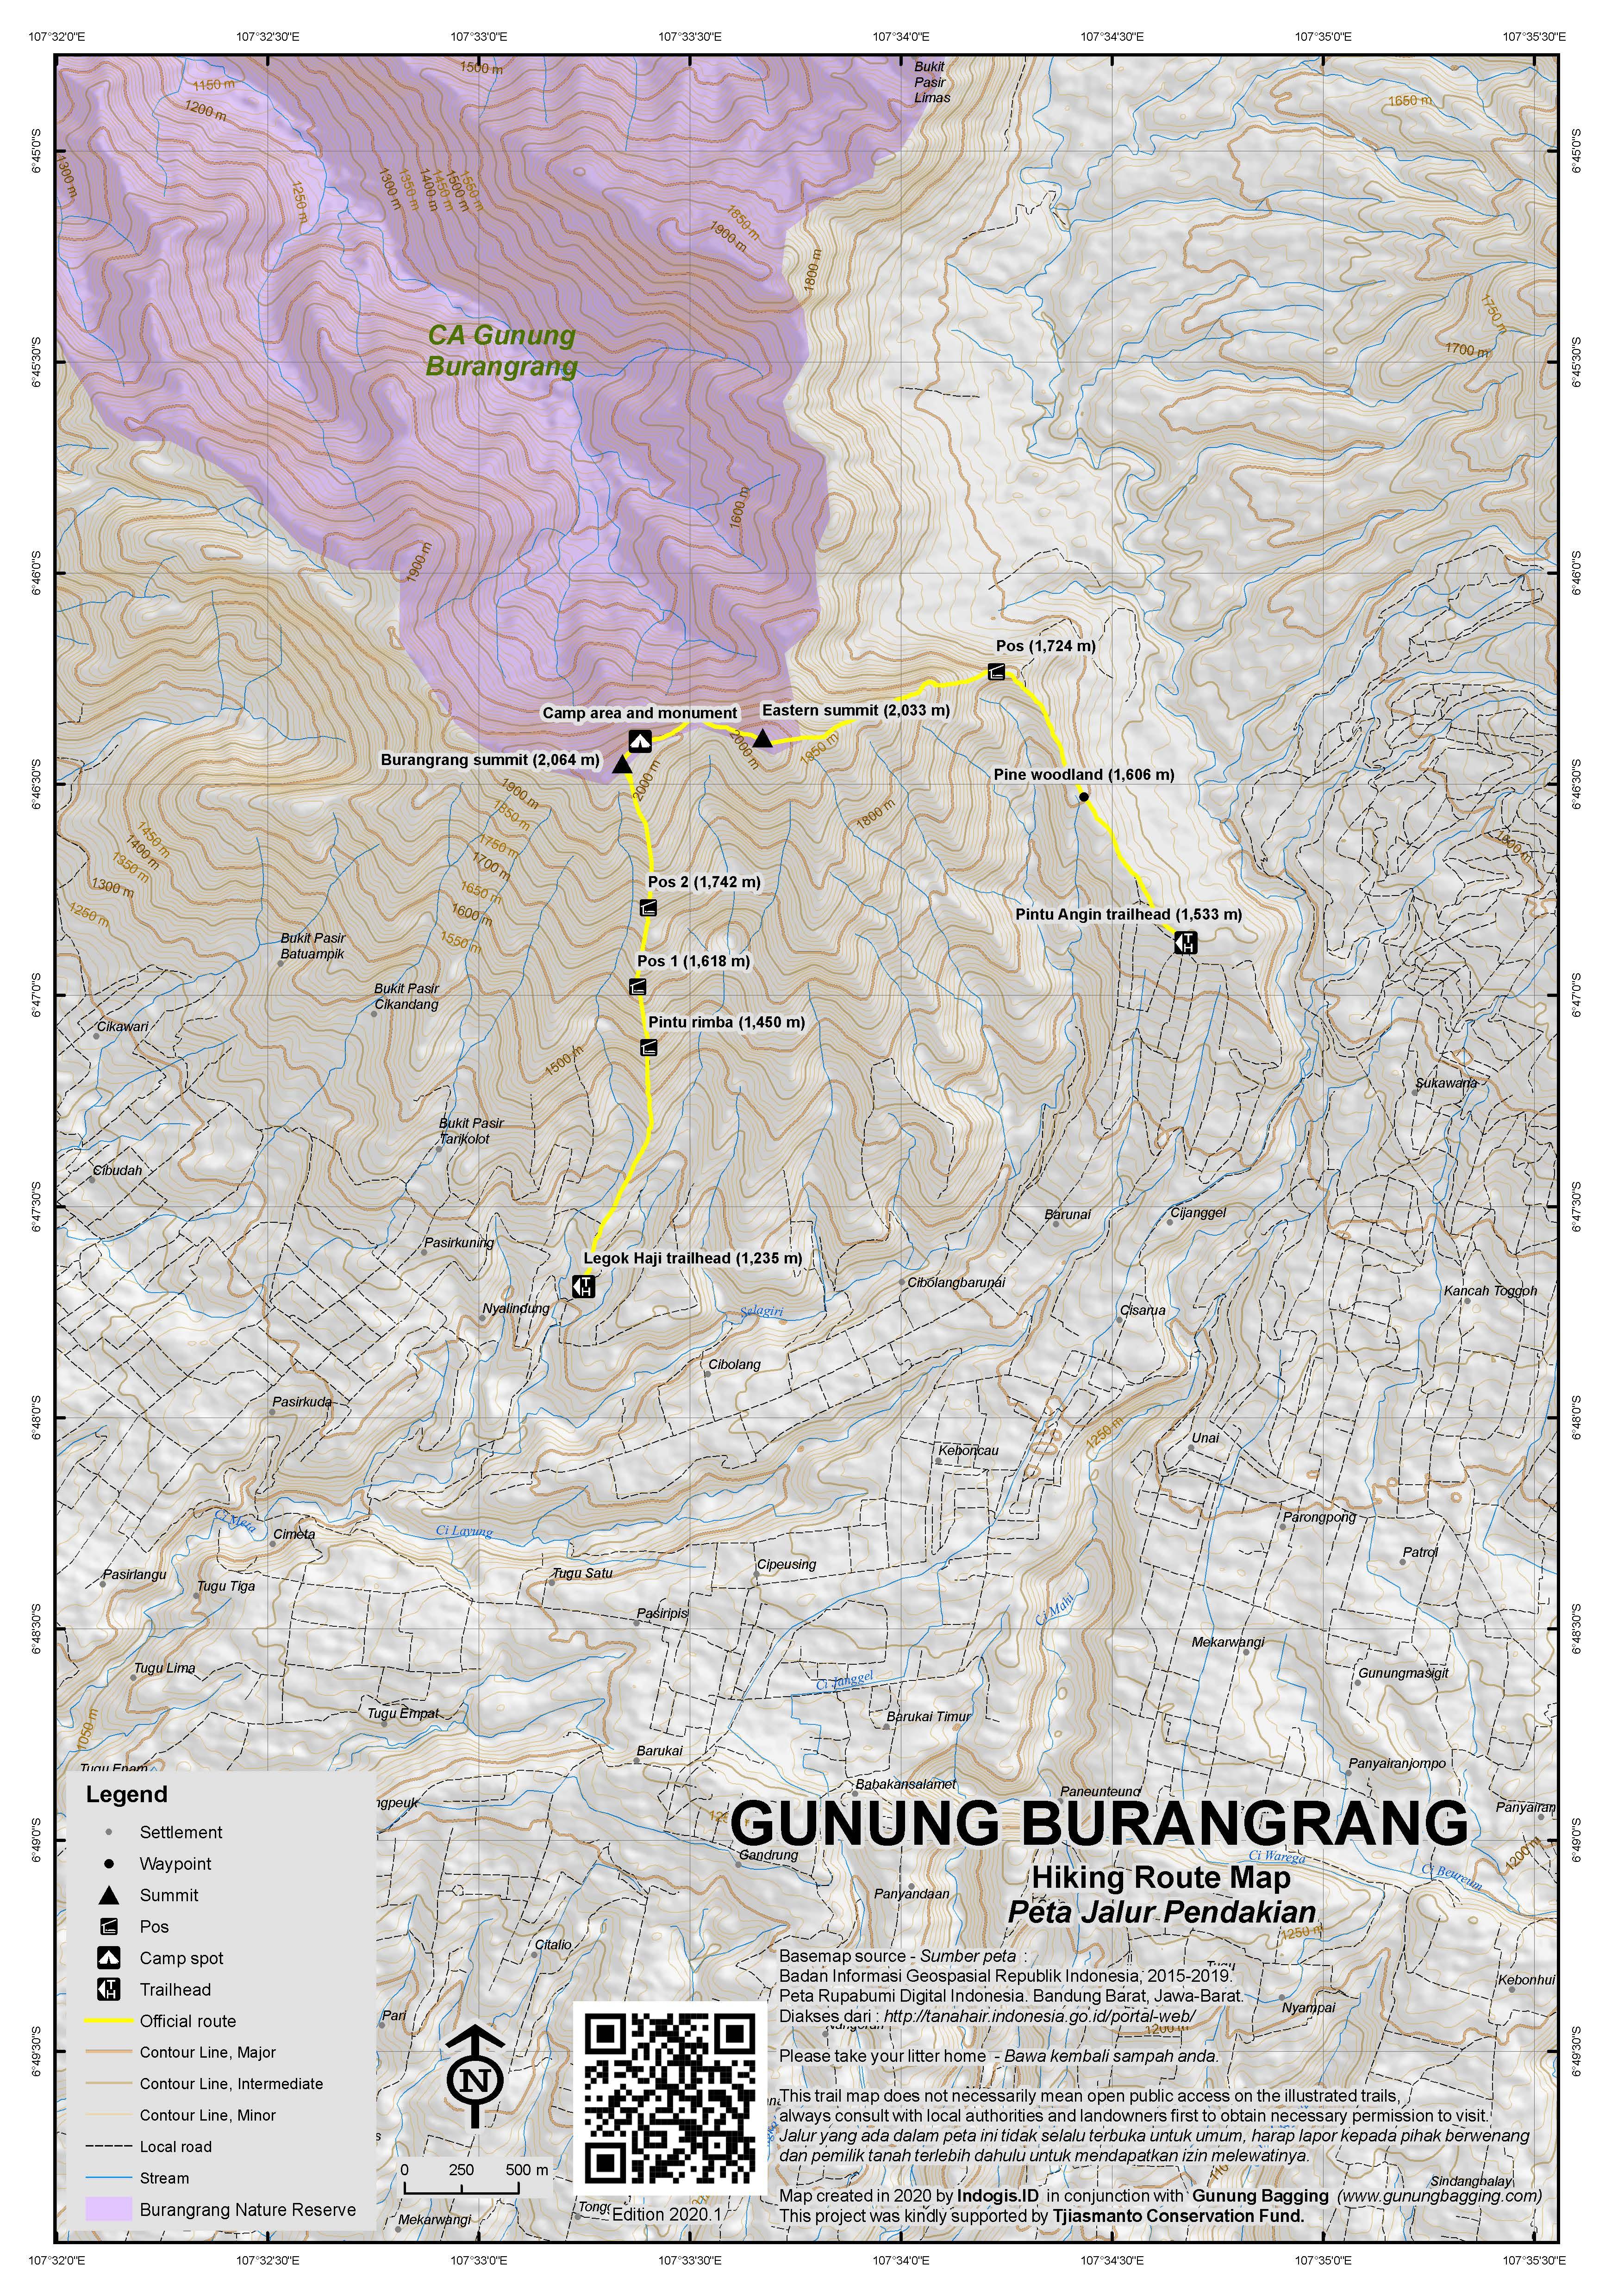 Peta Jalur Pendakian Gunung Burangrang